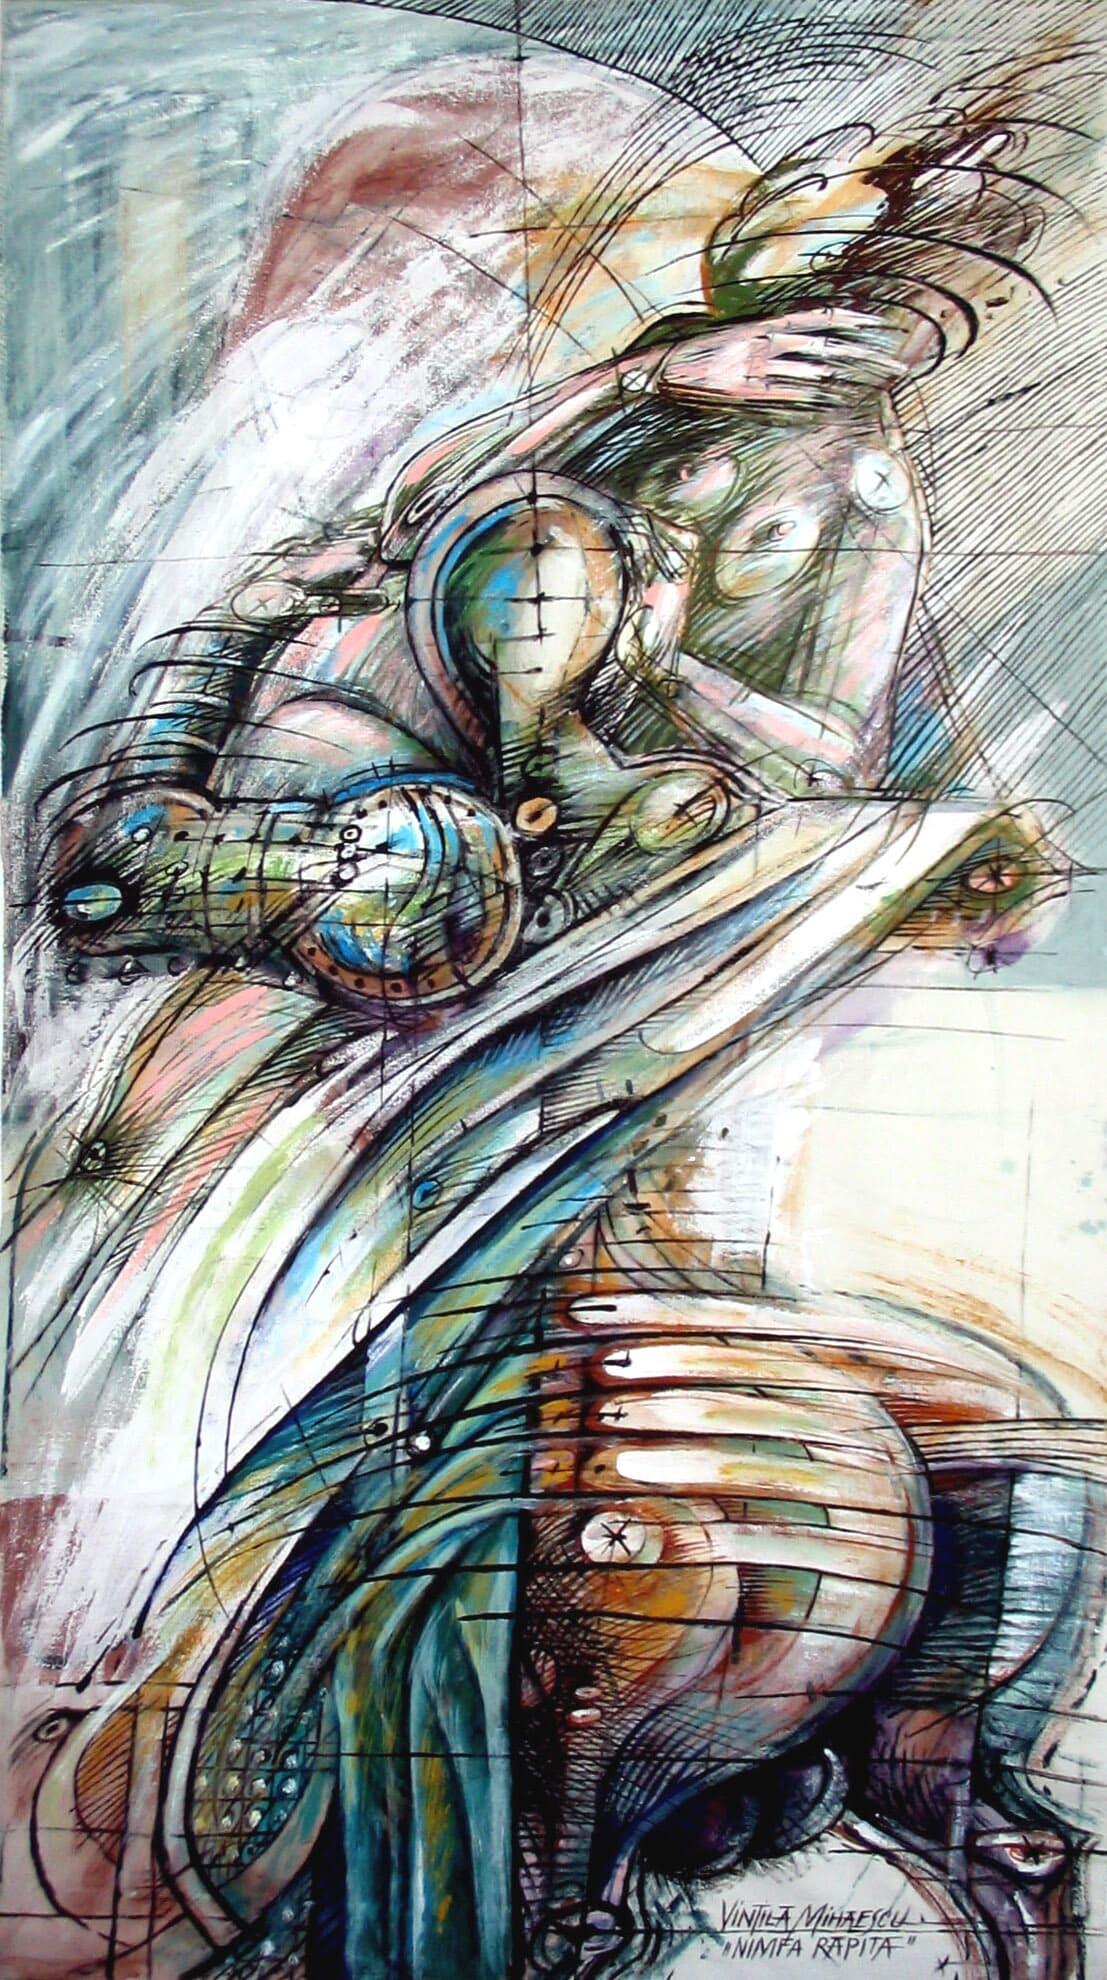 Nimfa răpită Galerie, Pictura